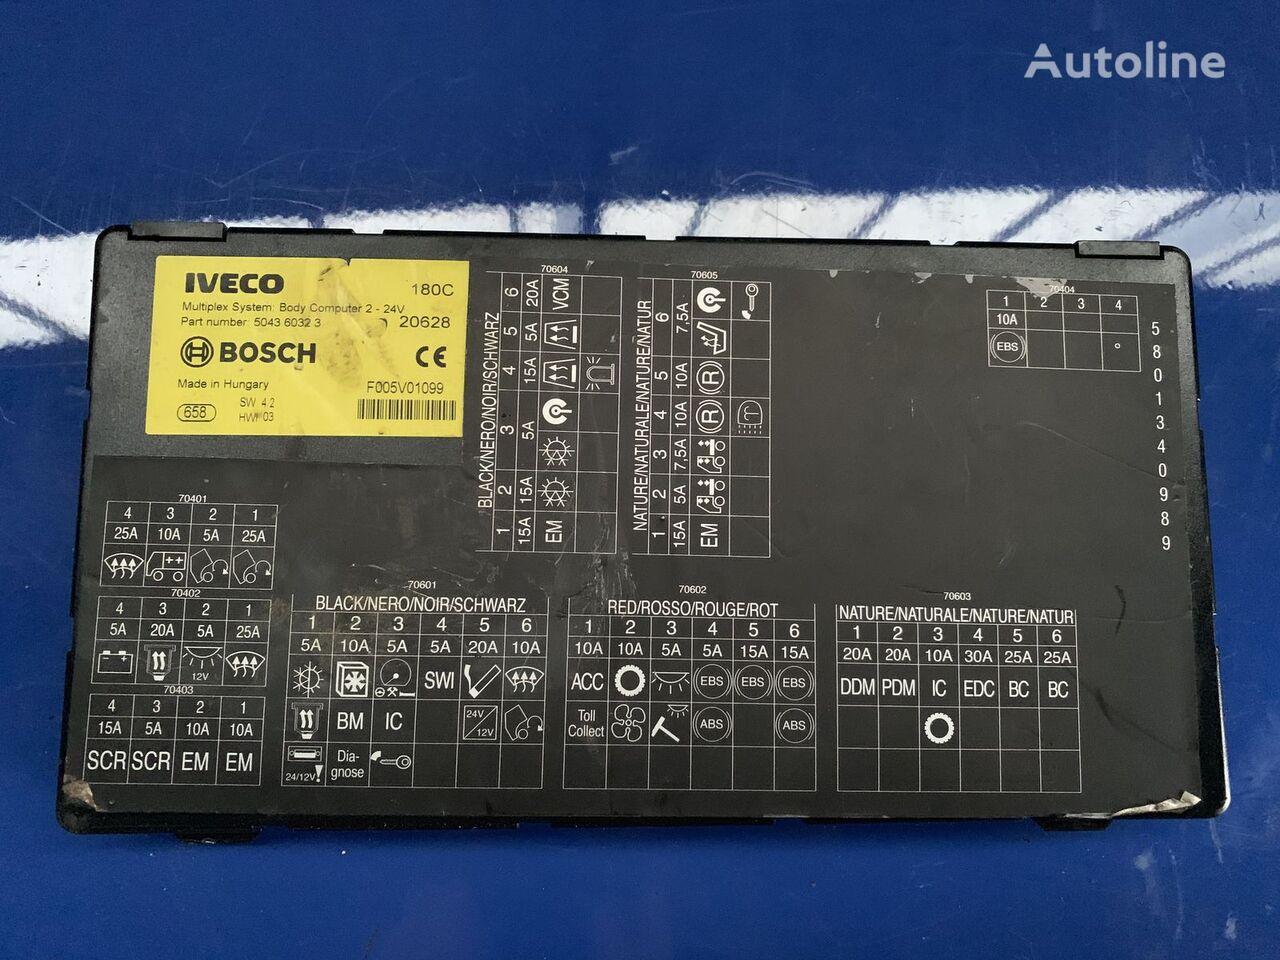 IVECO BOSCH 504360323 upravljačka jedinica za tegljača